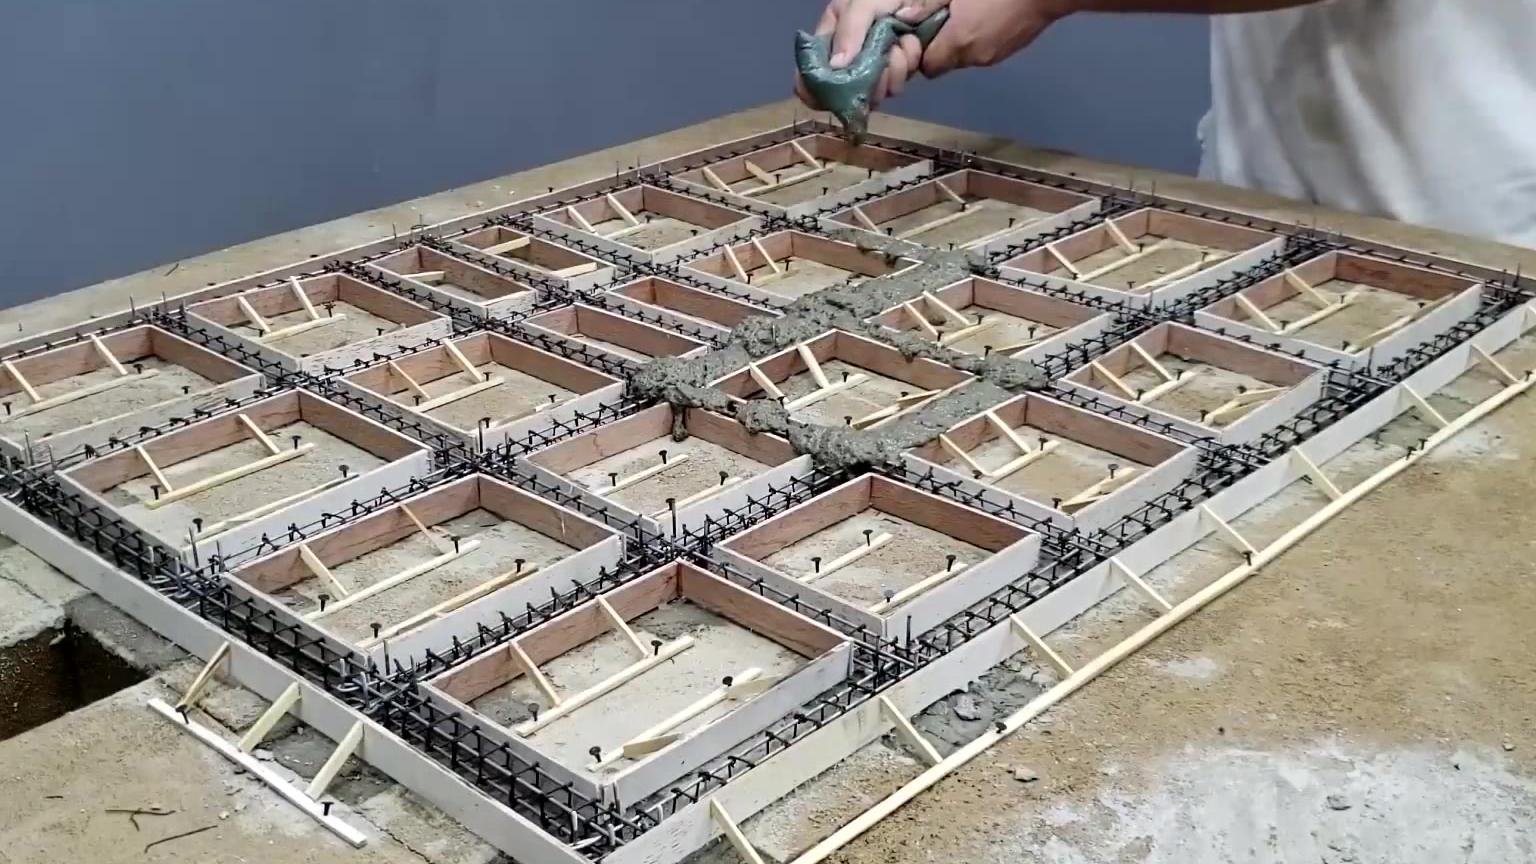 如何为一座混凝土迷你别墅打造一个坚固的地基与基础